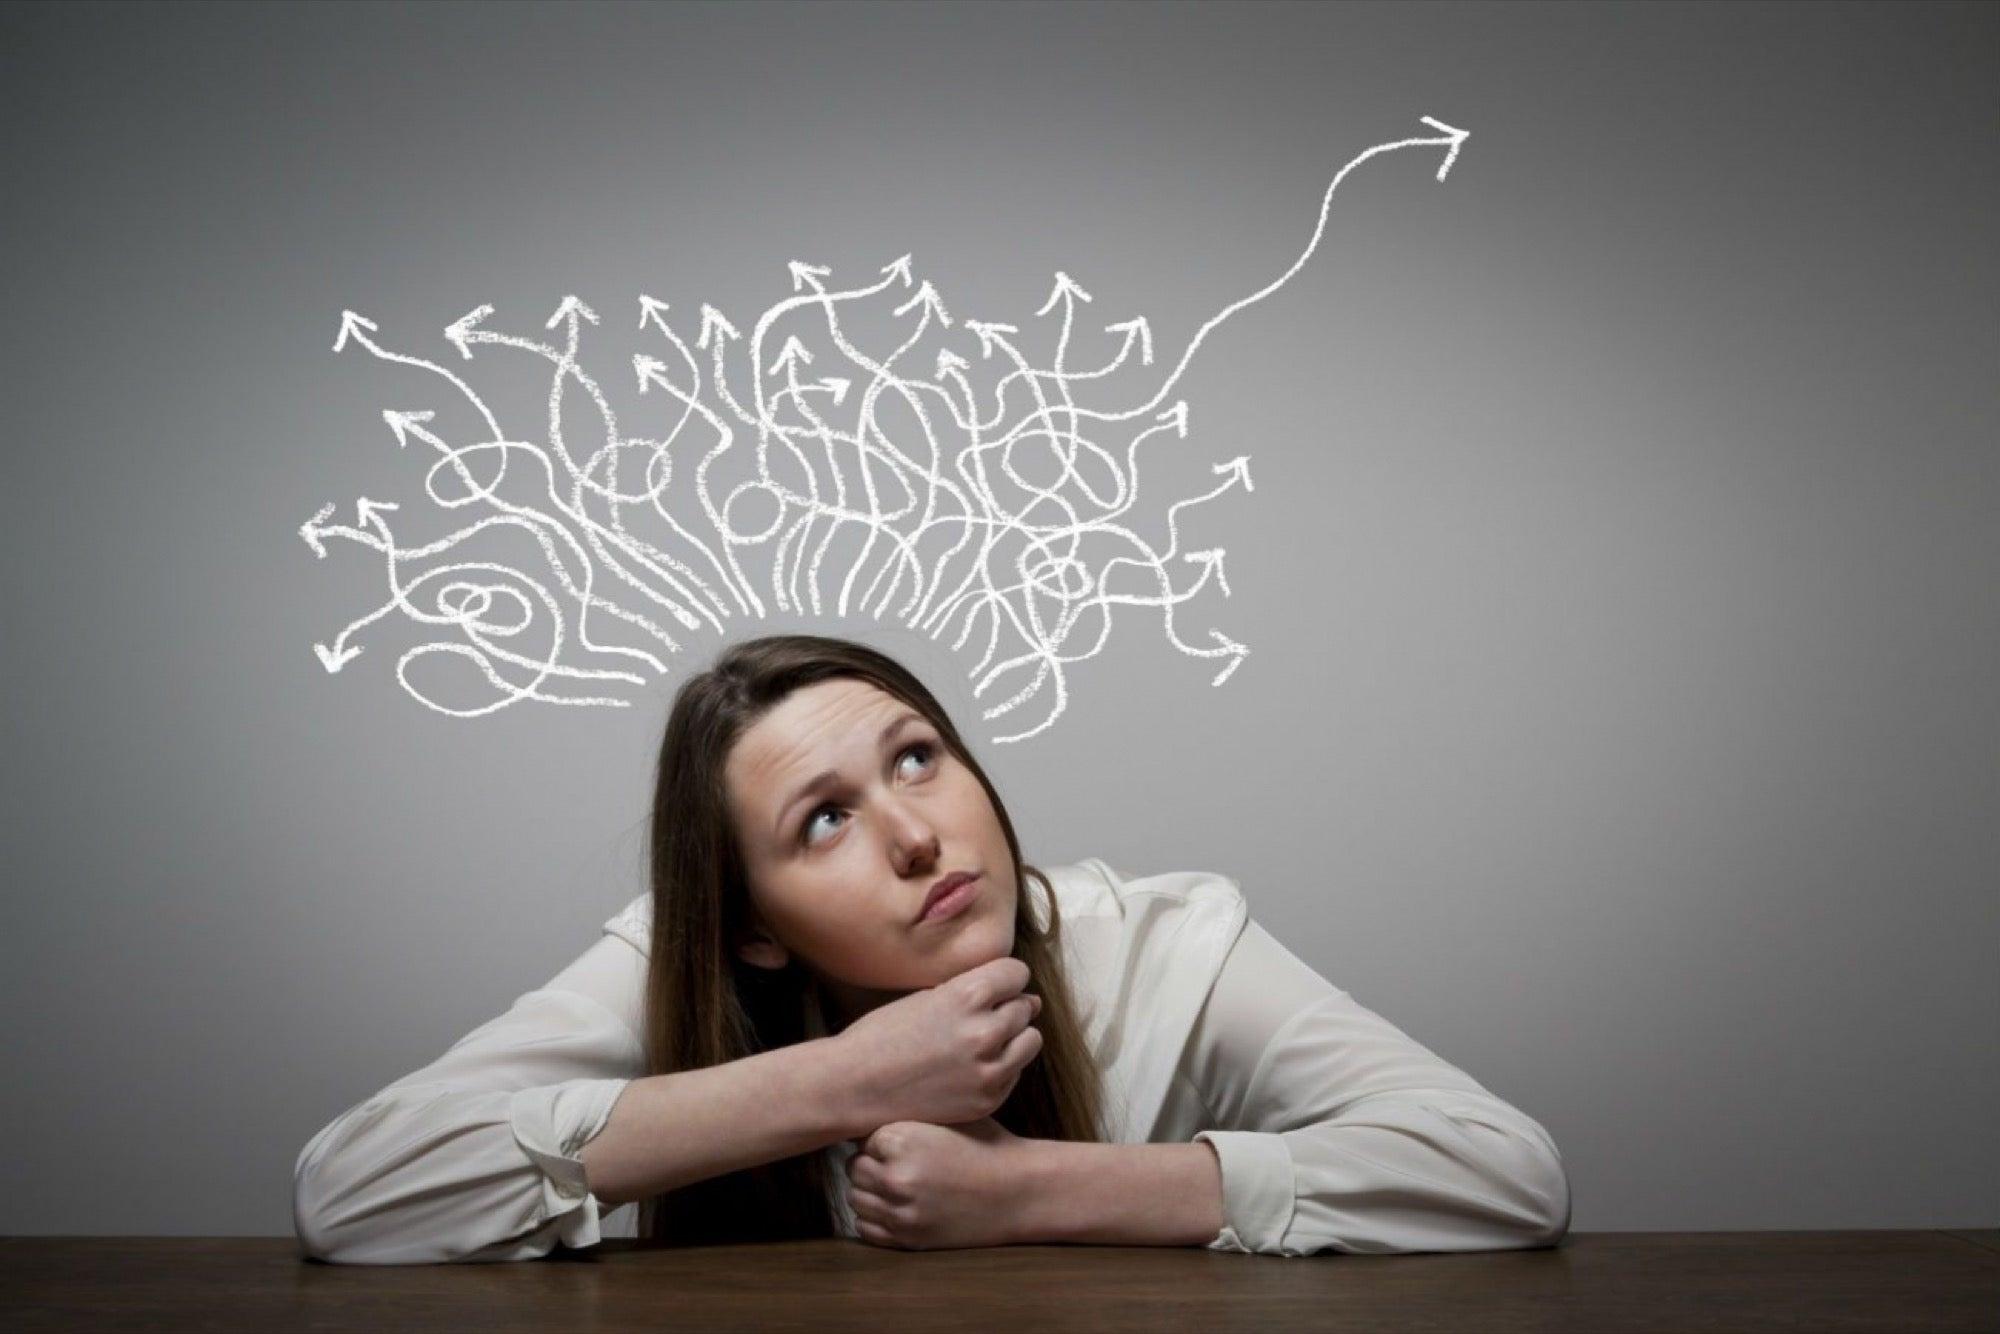 Aumenta tu inteligencia emocional con estos 5 tips